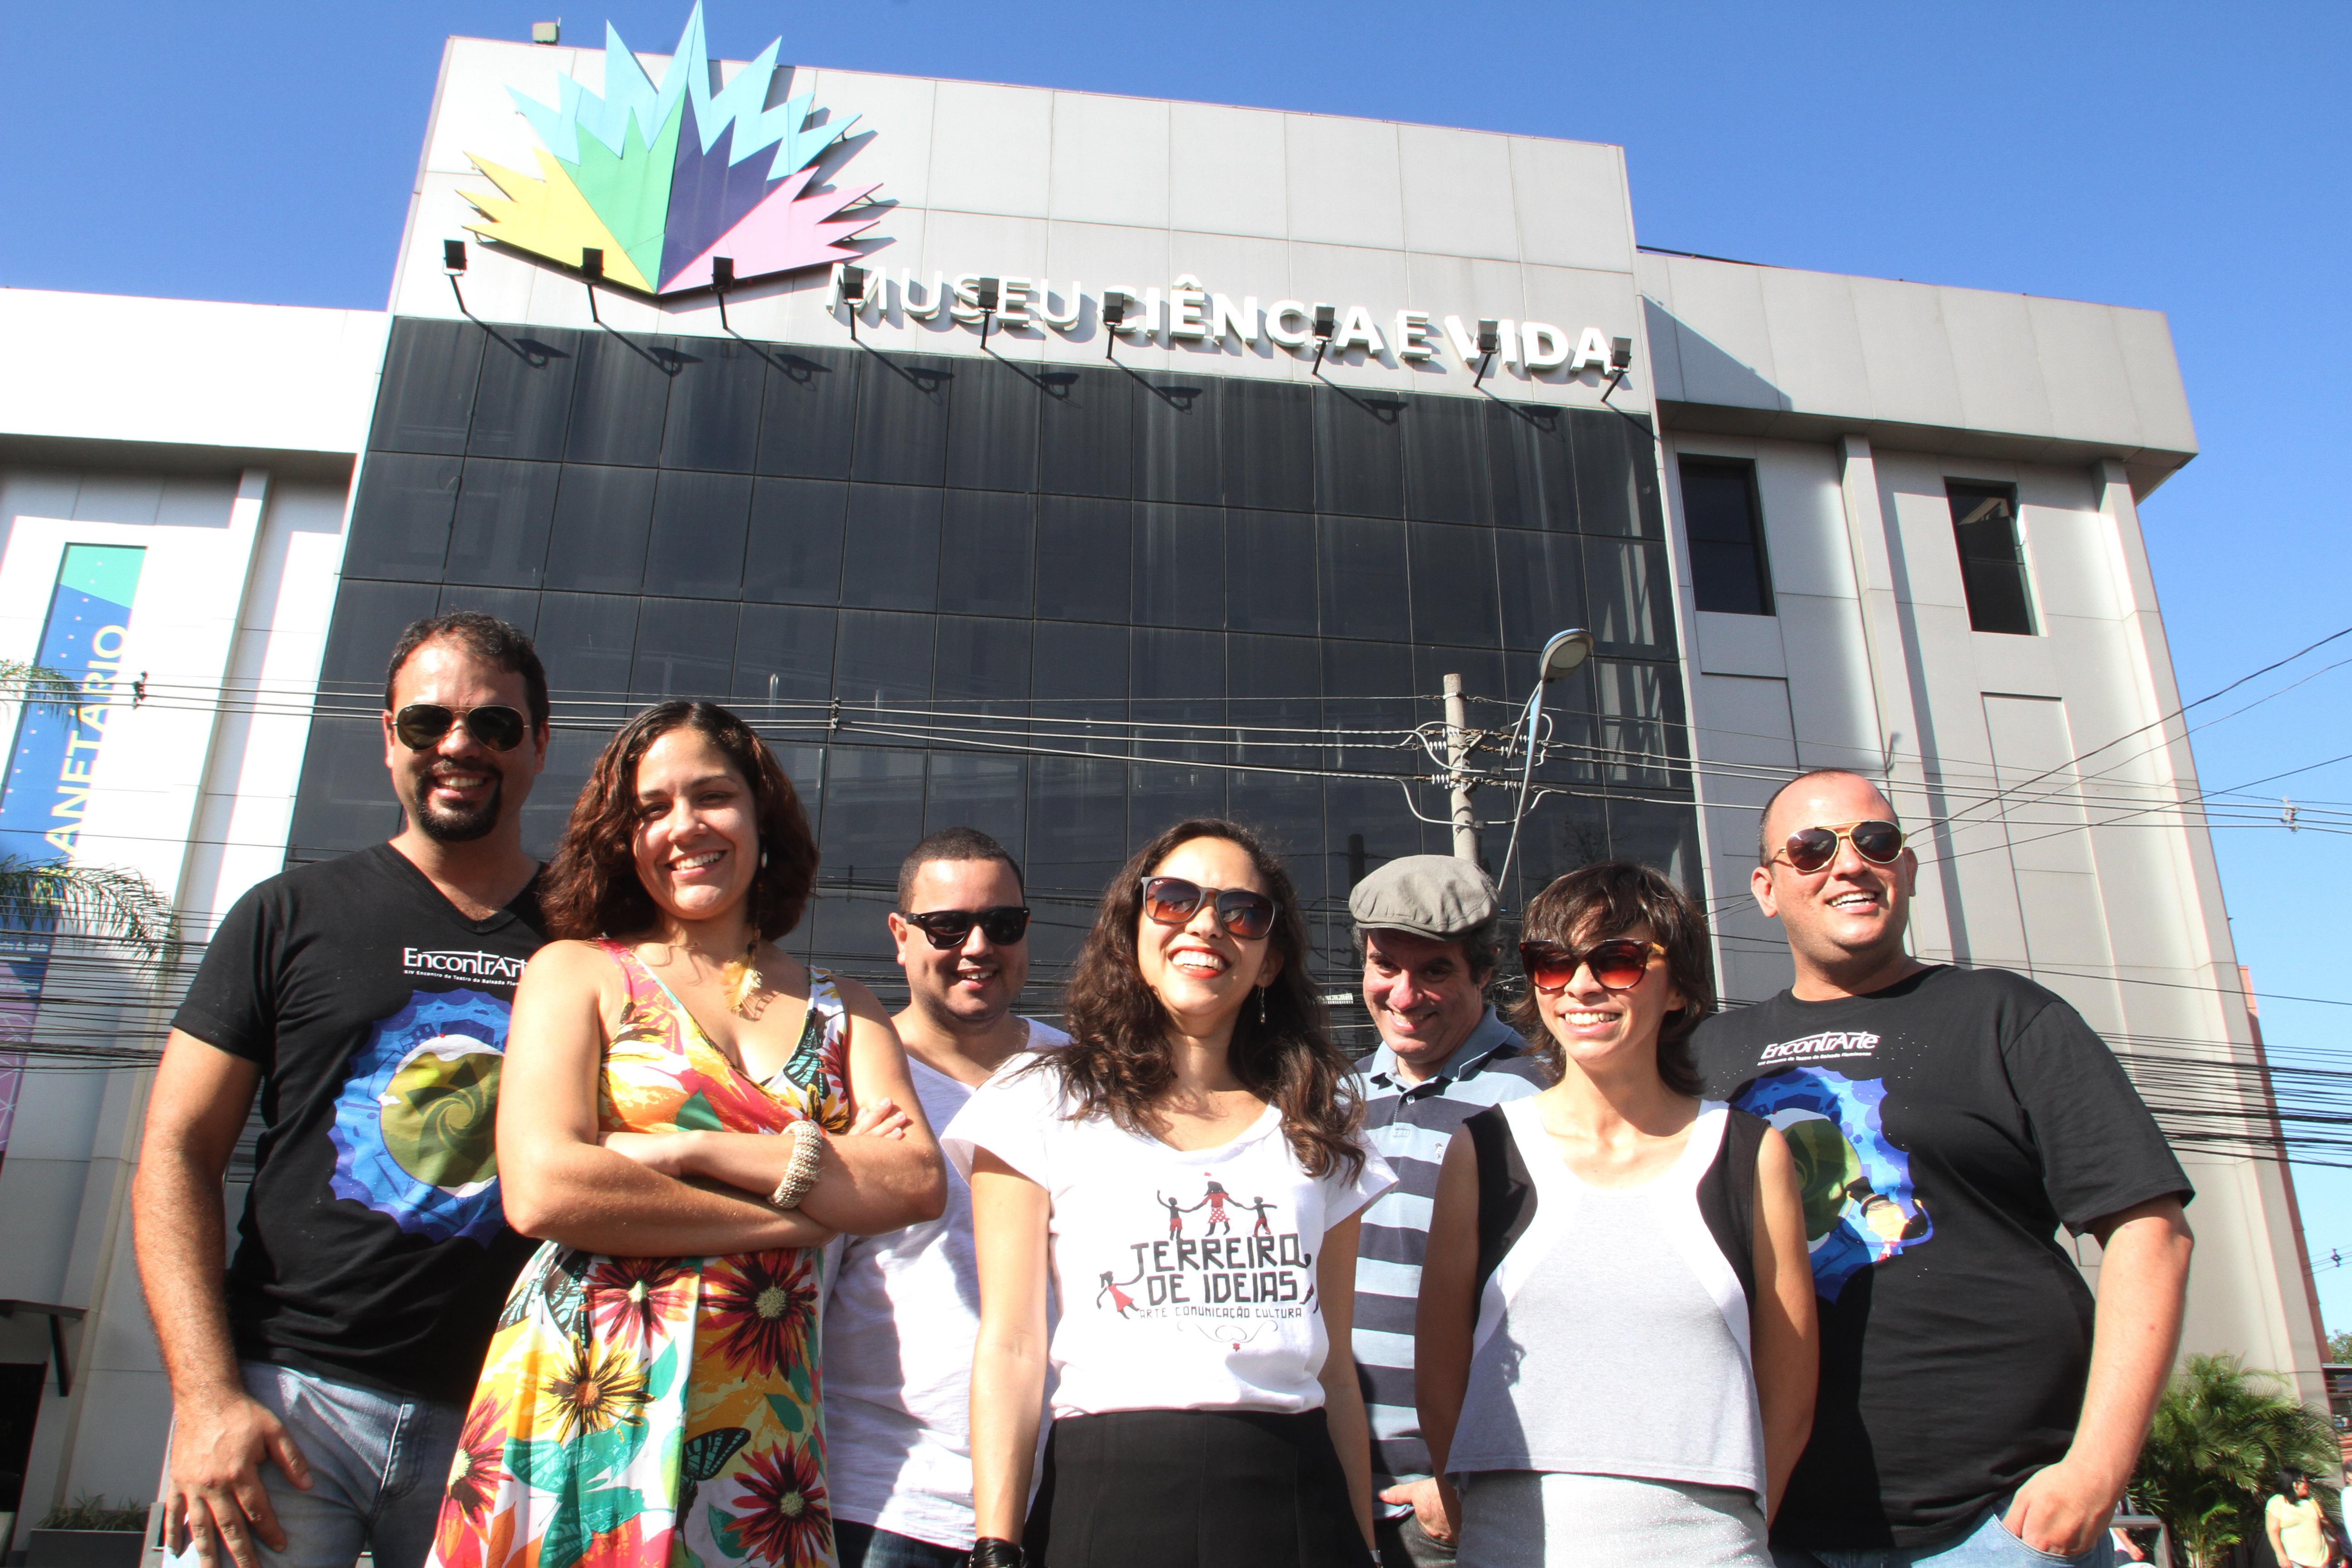 As parcerias criativas são a chave para uma nova imagem da Baixada Fluminense